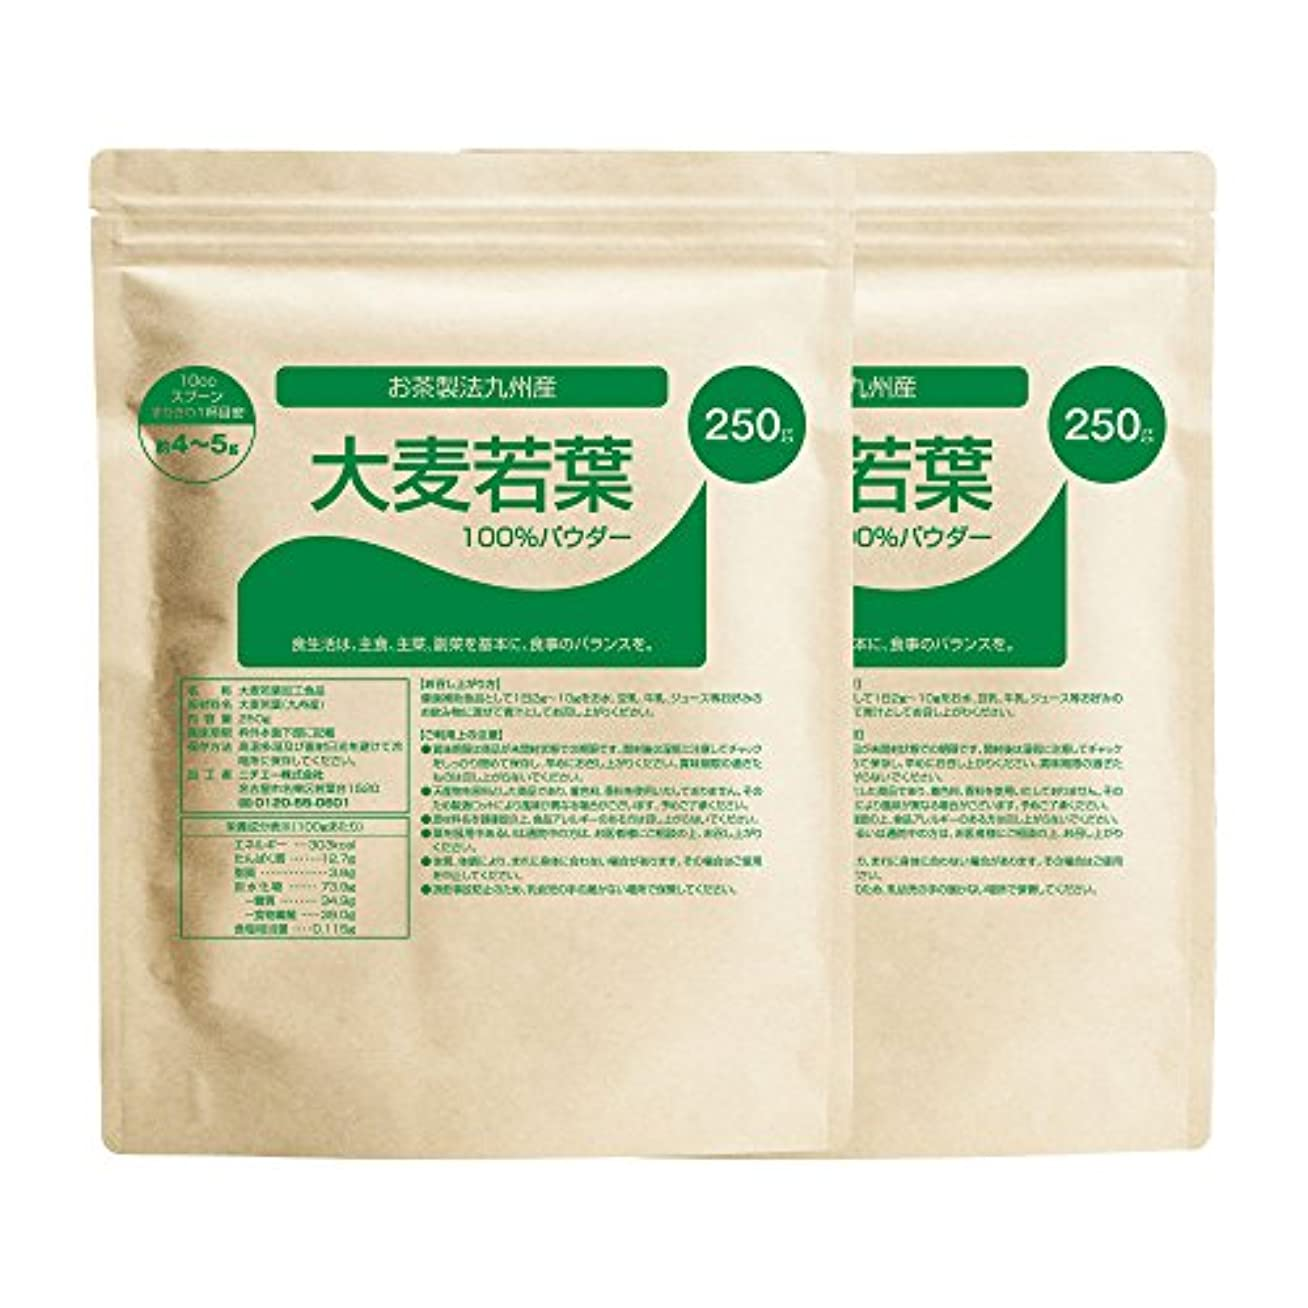 ダーリン任命長々とnichie 大麦若葉 青汁 100% 九州産 お茶製法 500g(250g×2袋)